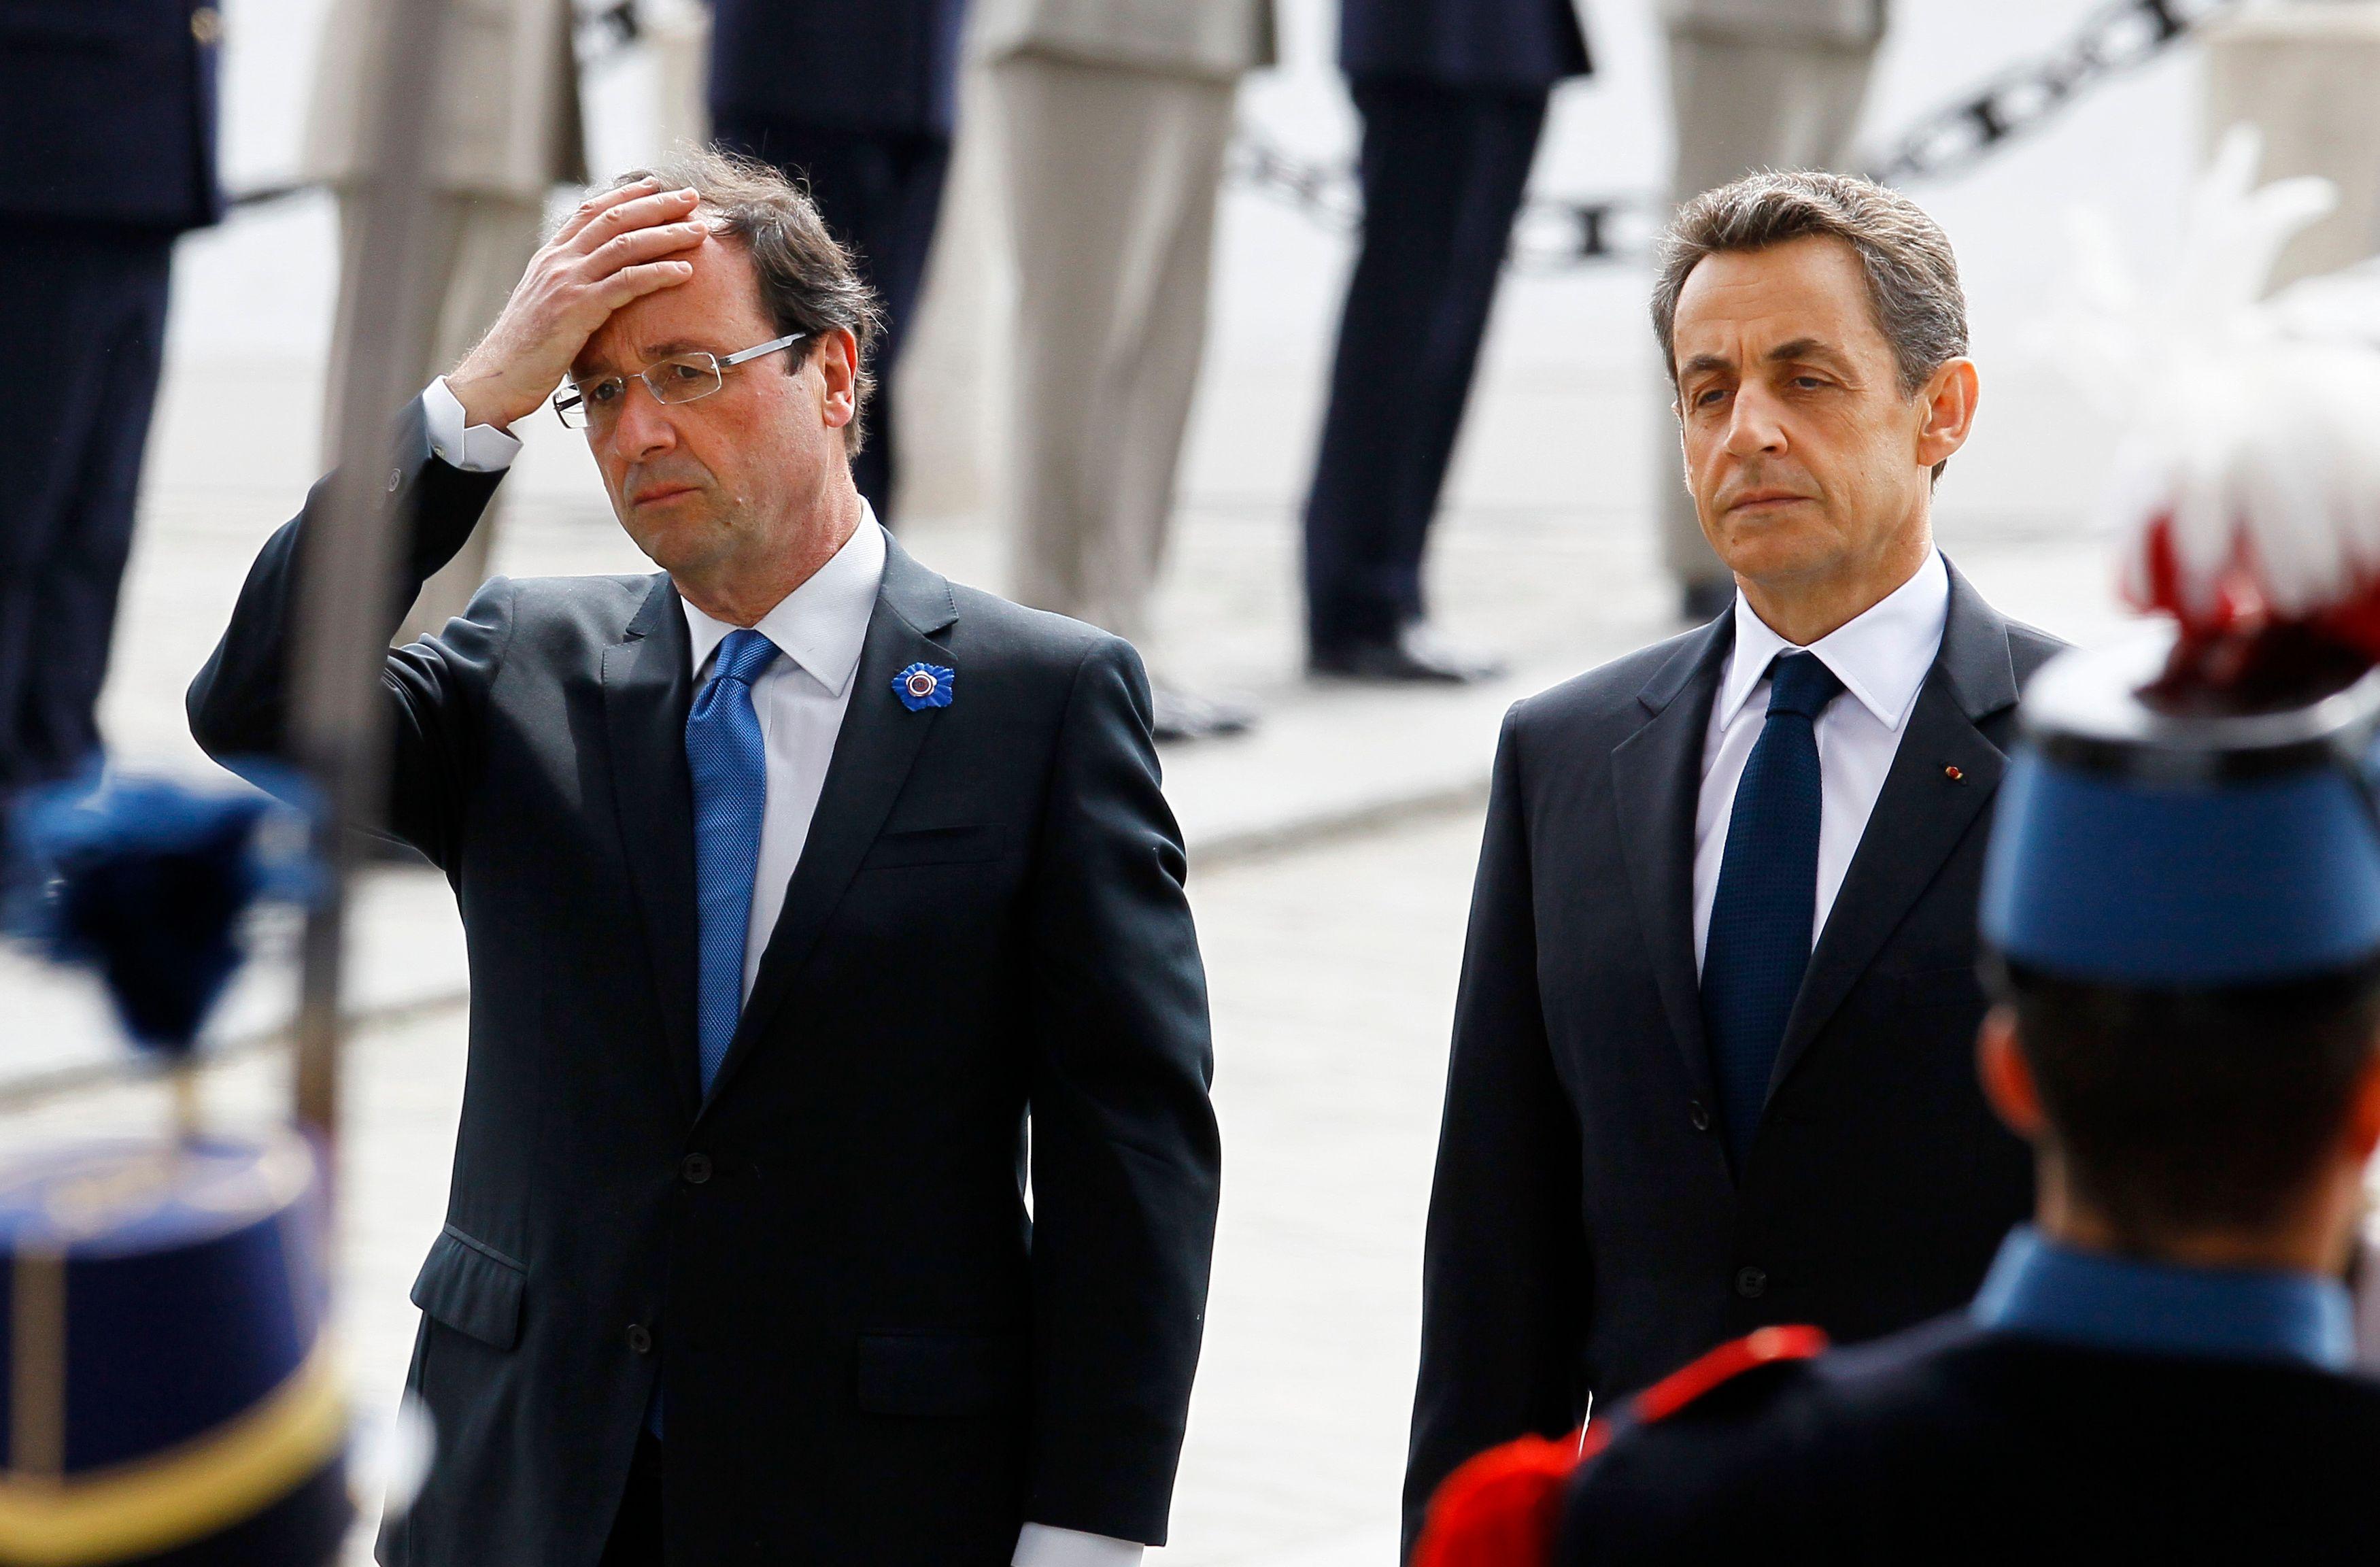 Selon un sondage du Figaro, 46 % des Français seulement se déclarent satisfaits de l'action de François Hollande, cent jours après son élection, le 6 mai.